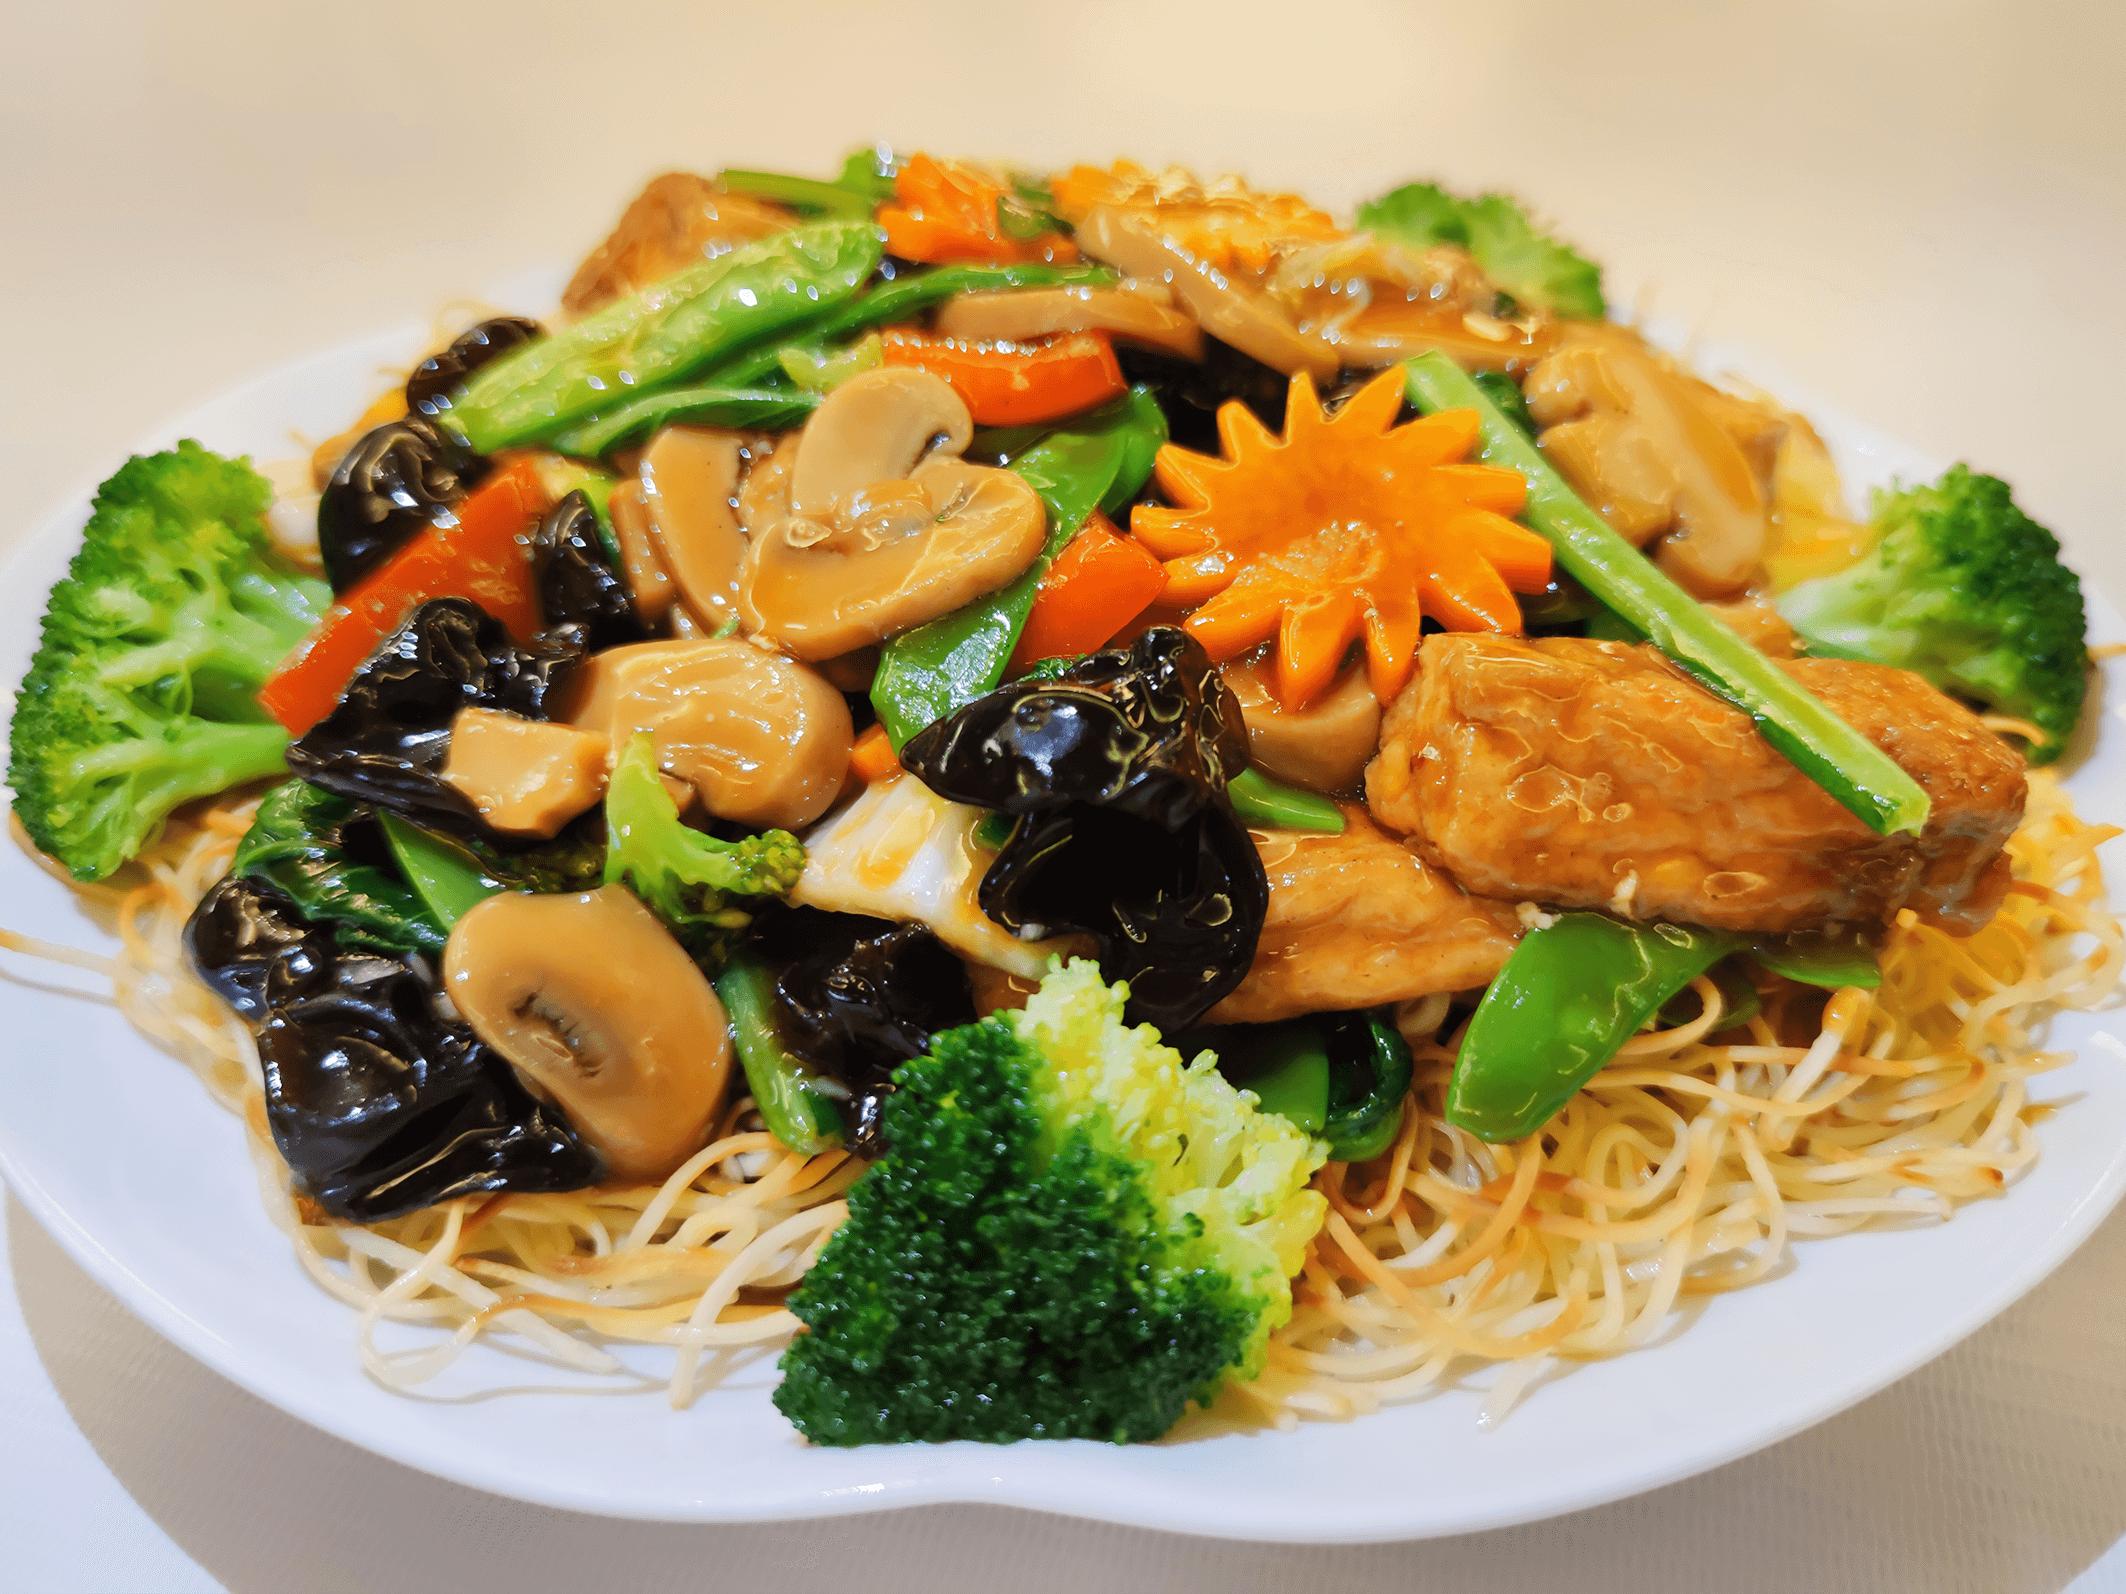 Tallarin con verduras saltaeadas.